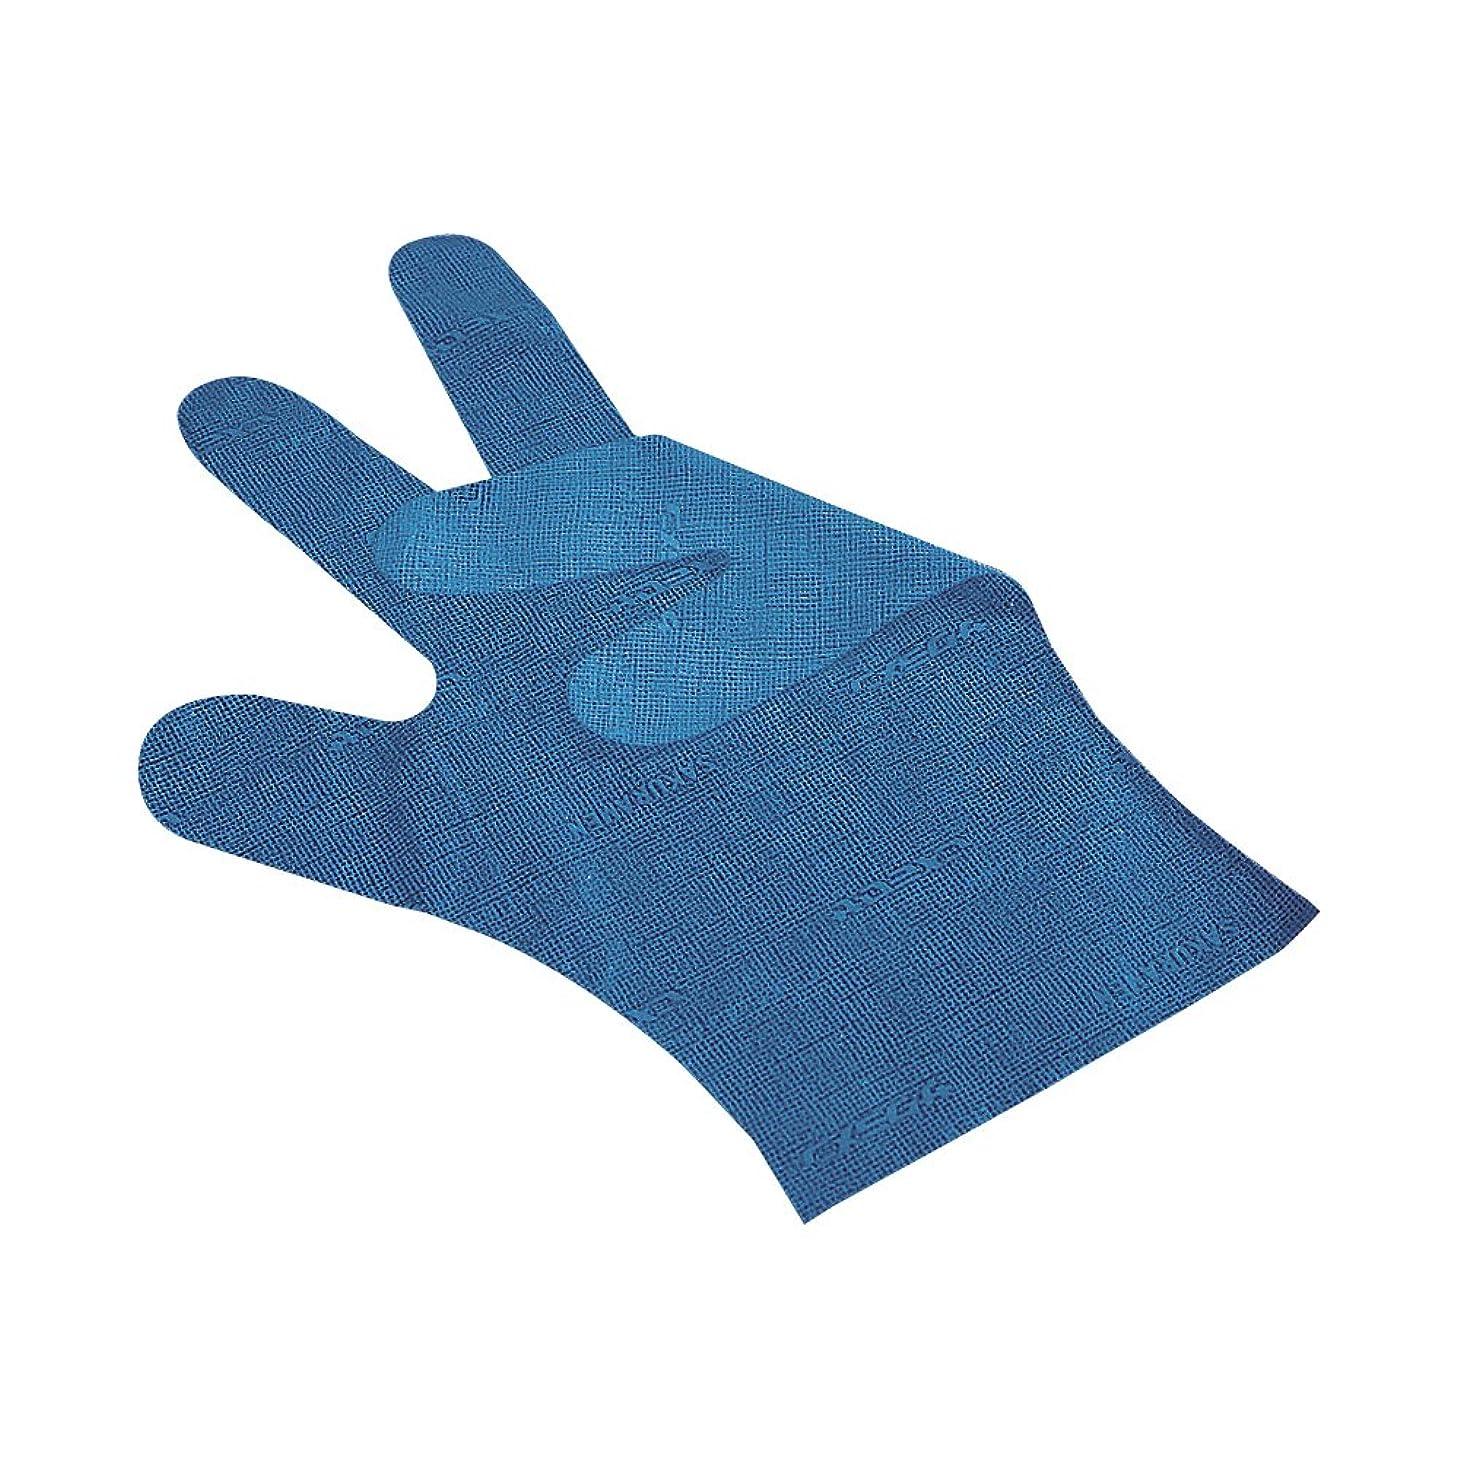 うん解体する平凡サクラメンエンボス手袋 デラックス ブルー L 100枚入